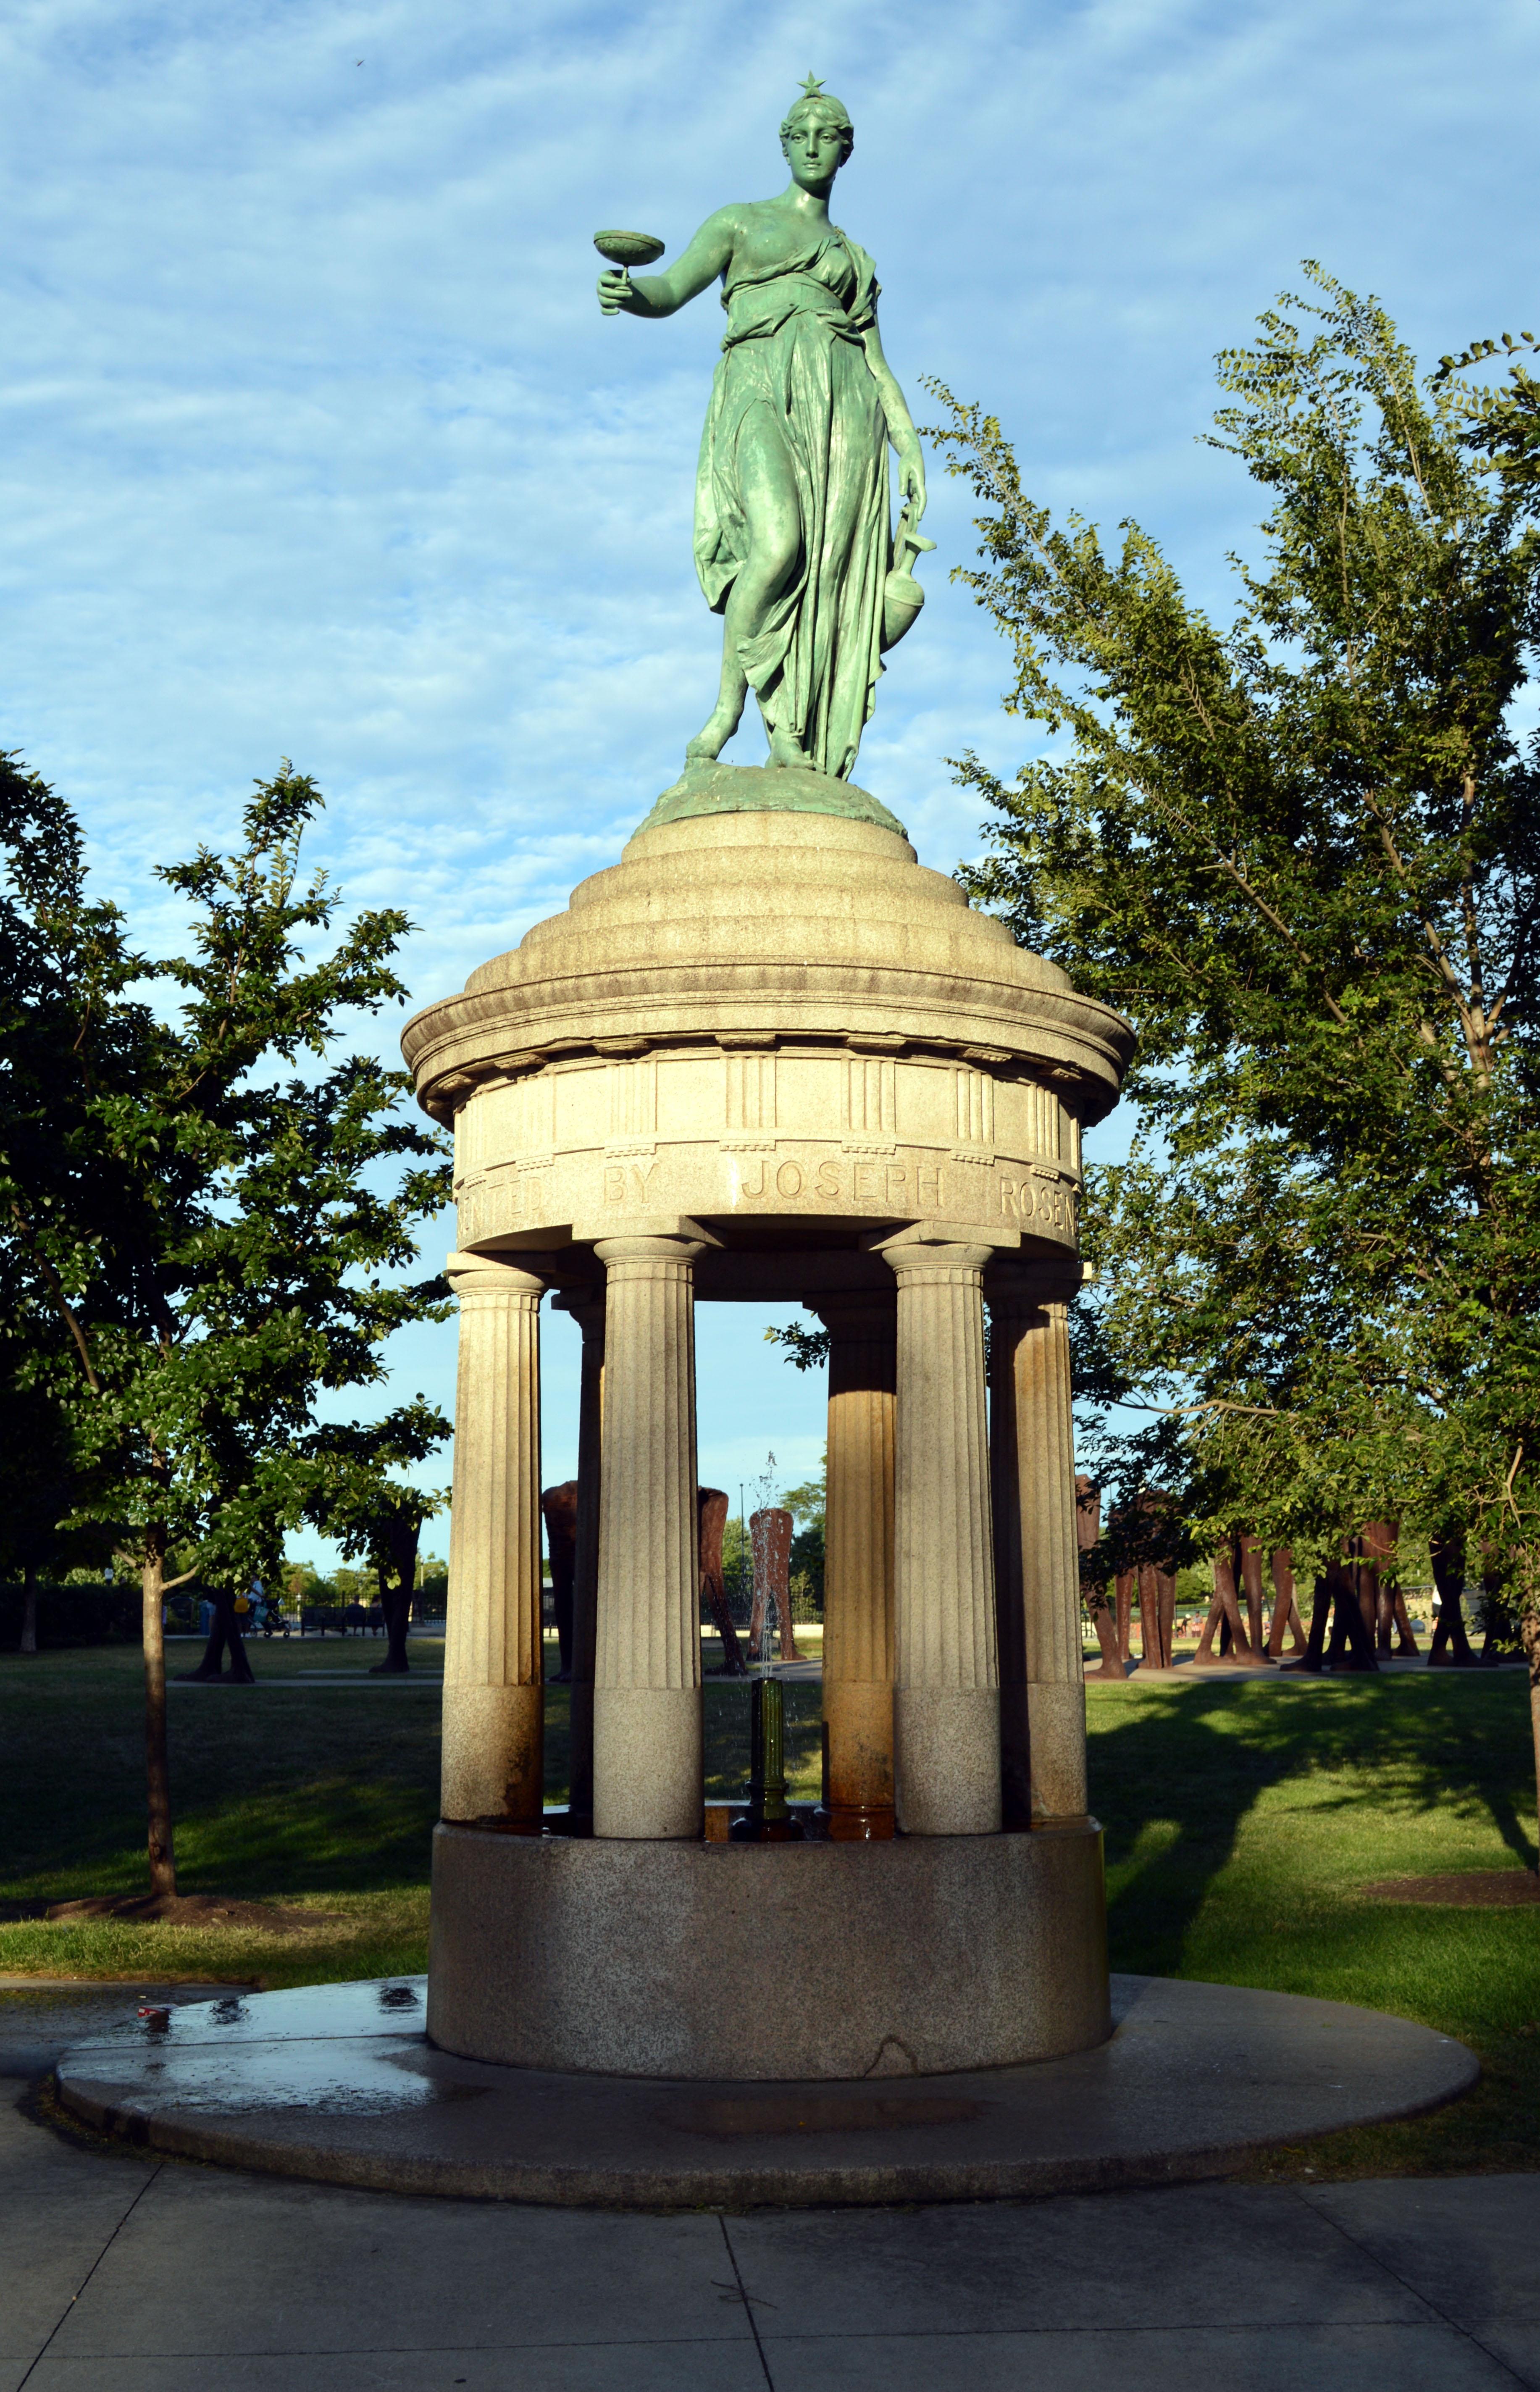 The Rosenberg Fountain